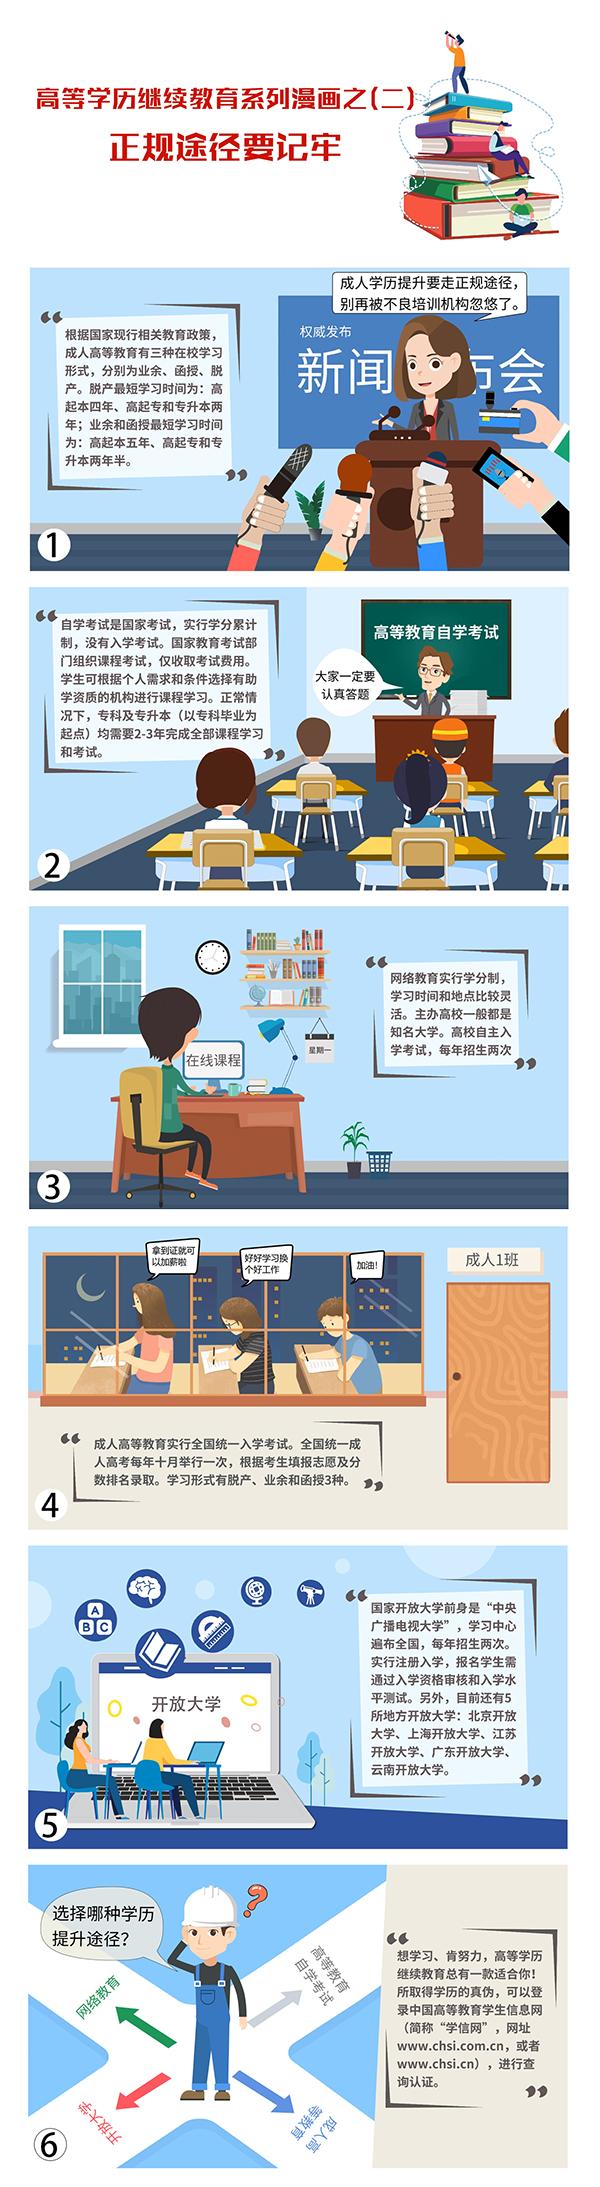 高等学历继续教育系列漫画之正规途径要记牢!